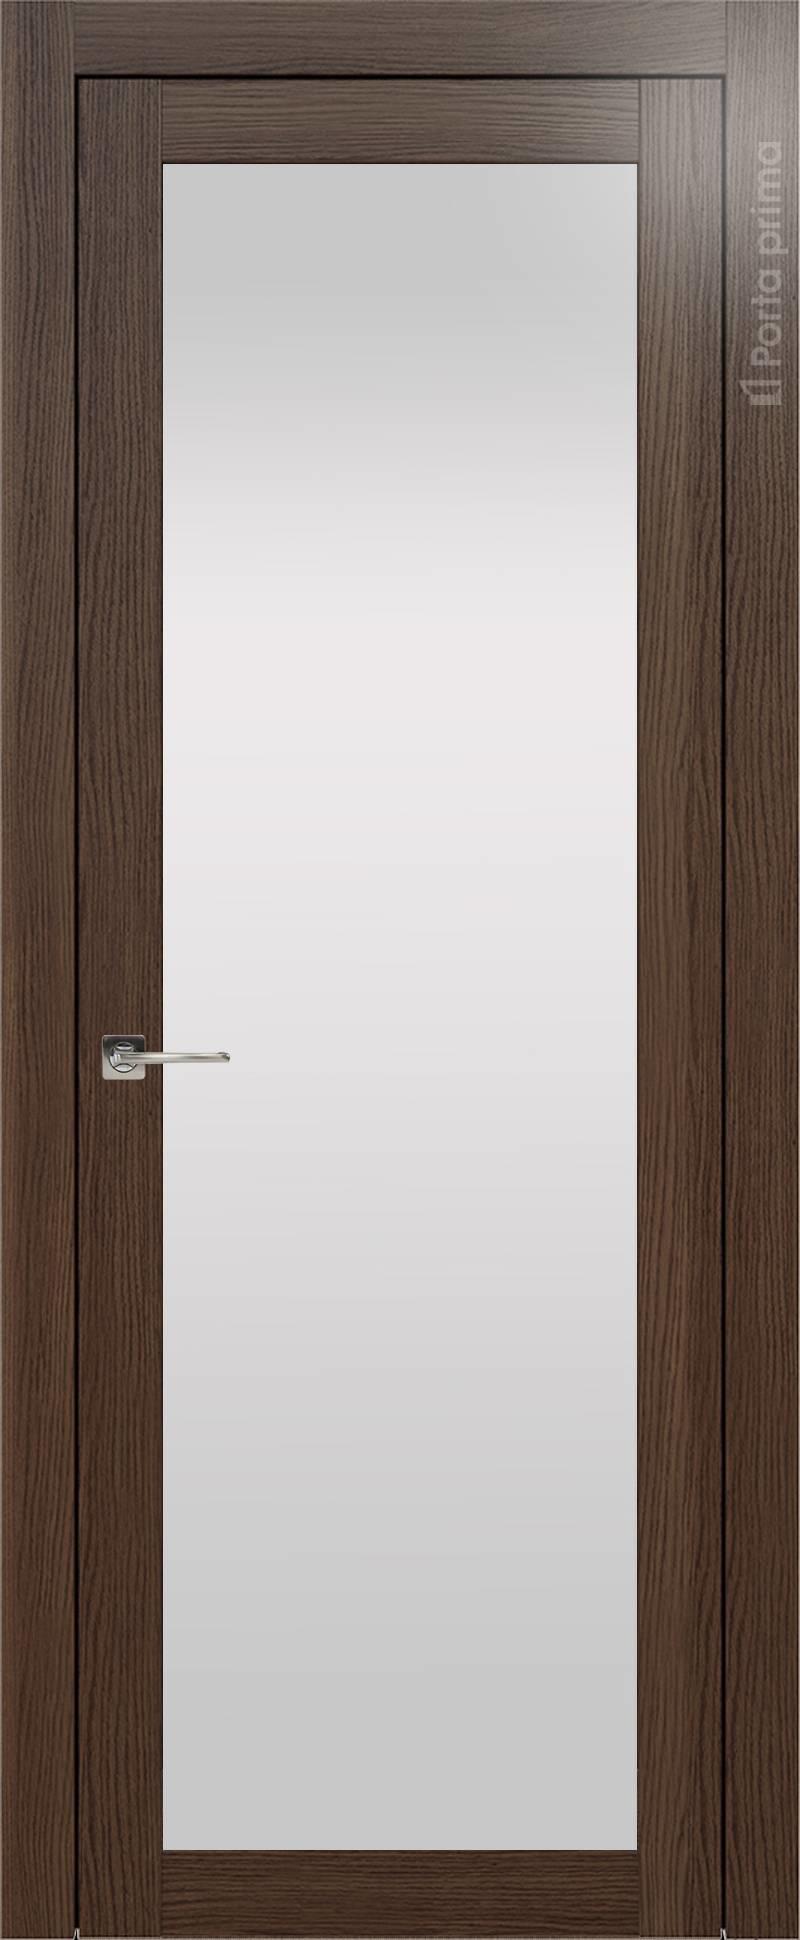 Tivoli З-1 цвет - Дуб торонто Со стеклом (ДО)